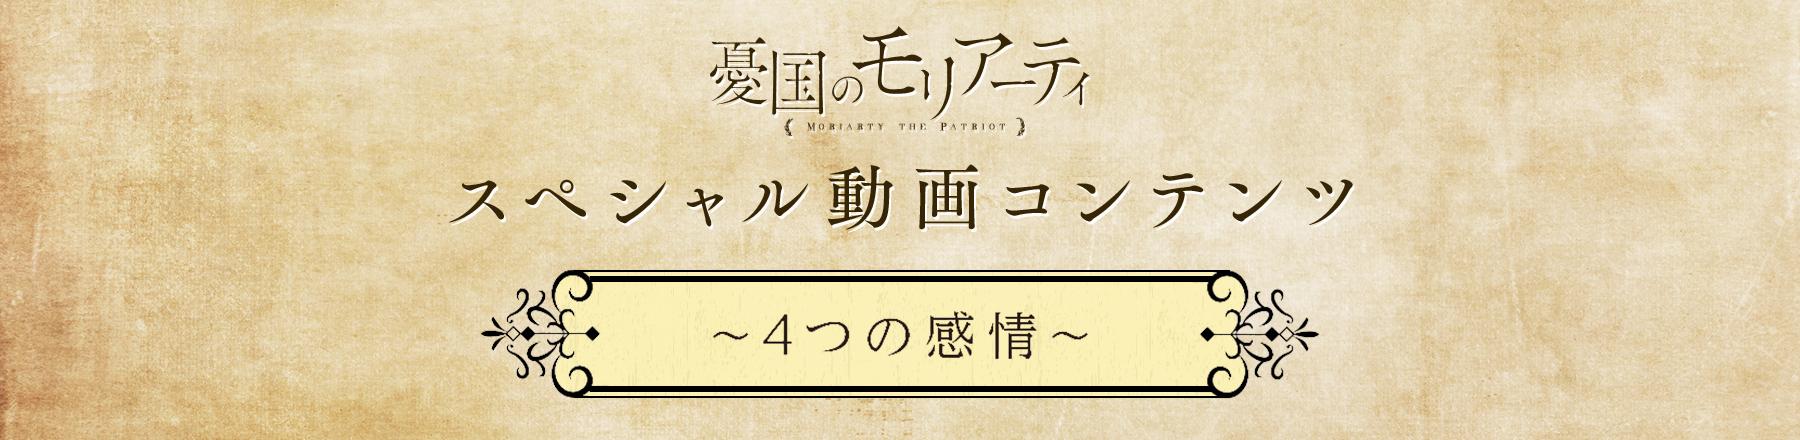 スペシャル動画コンテンツ「憂国のモリアーティ~4つの感情~」